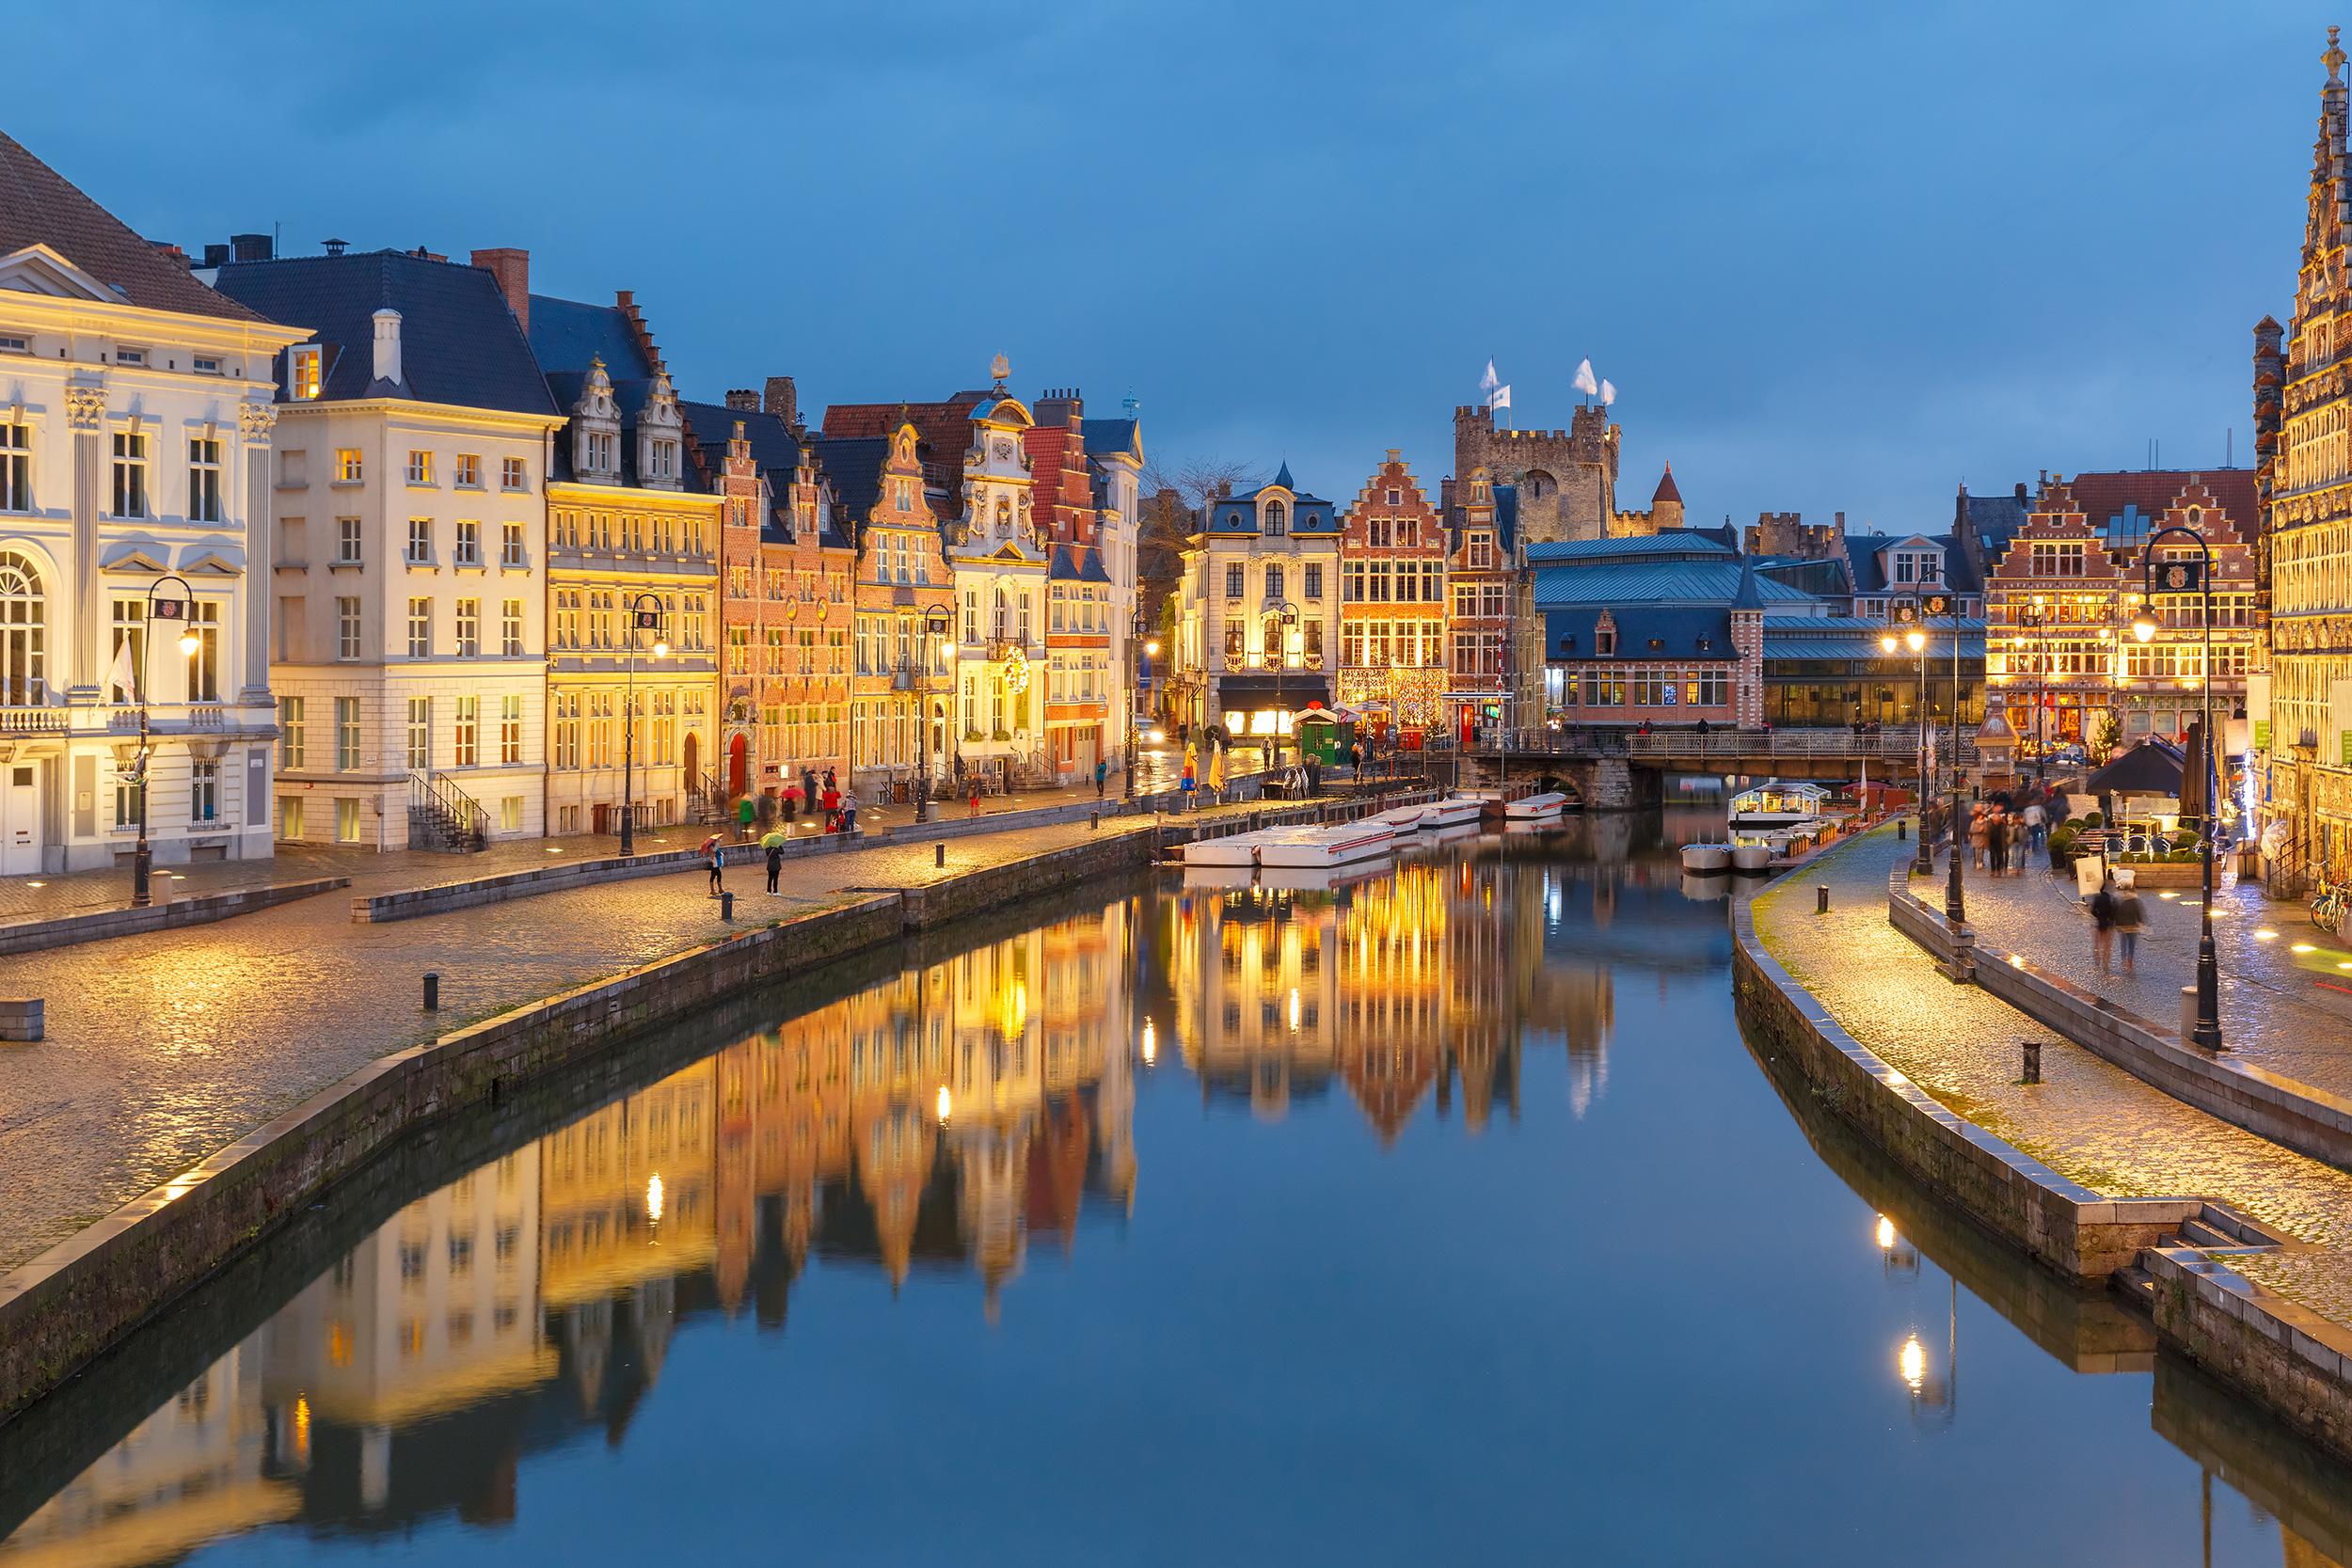 Plus Beaux Hotels France